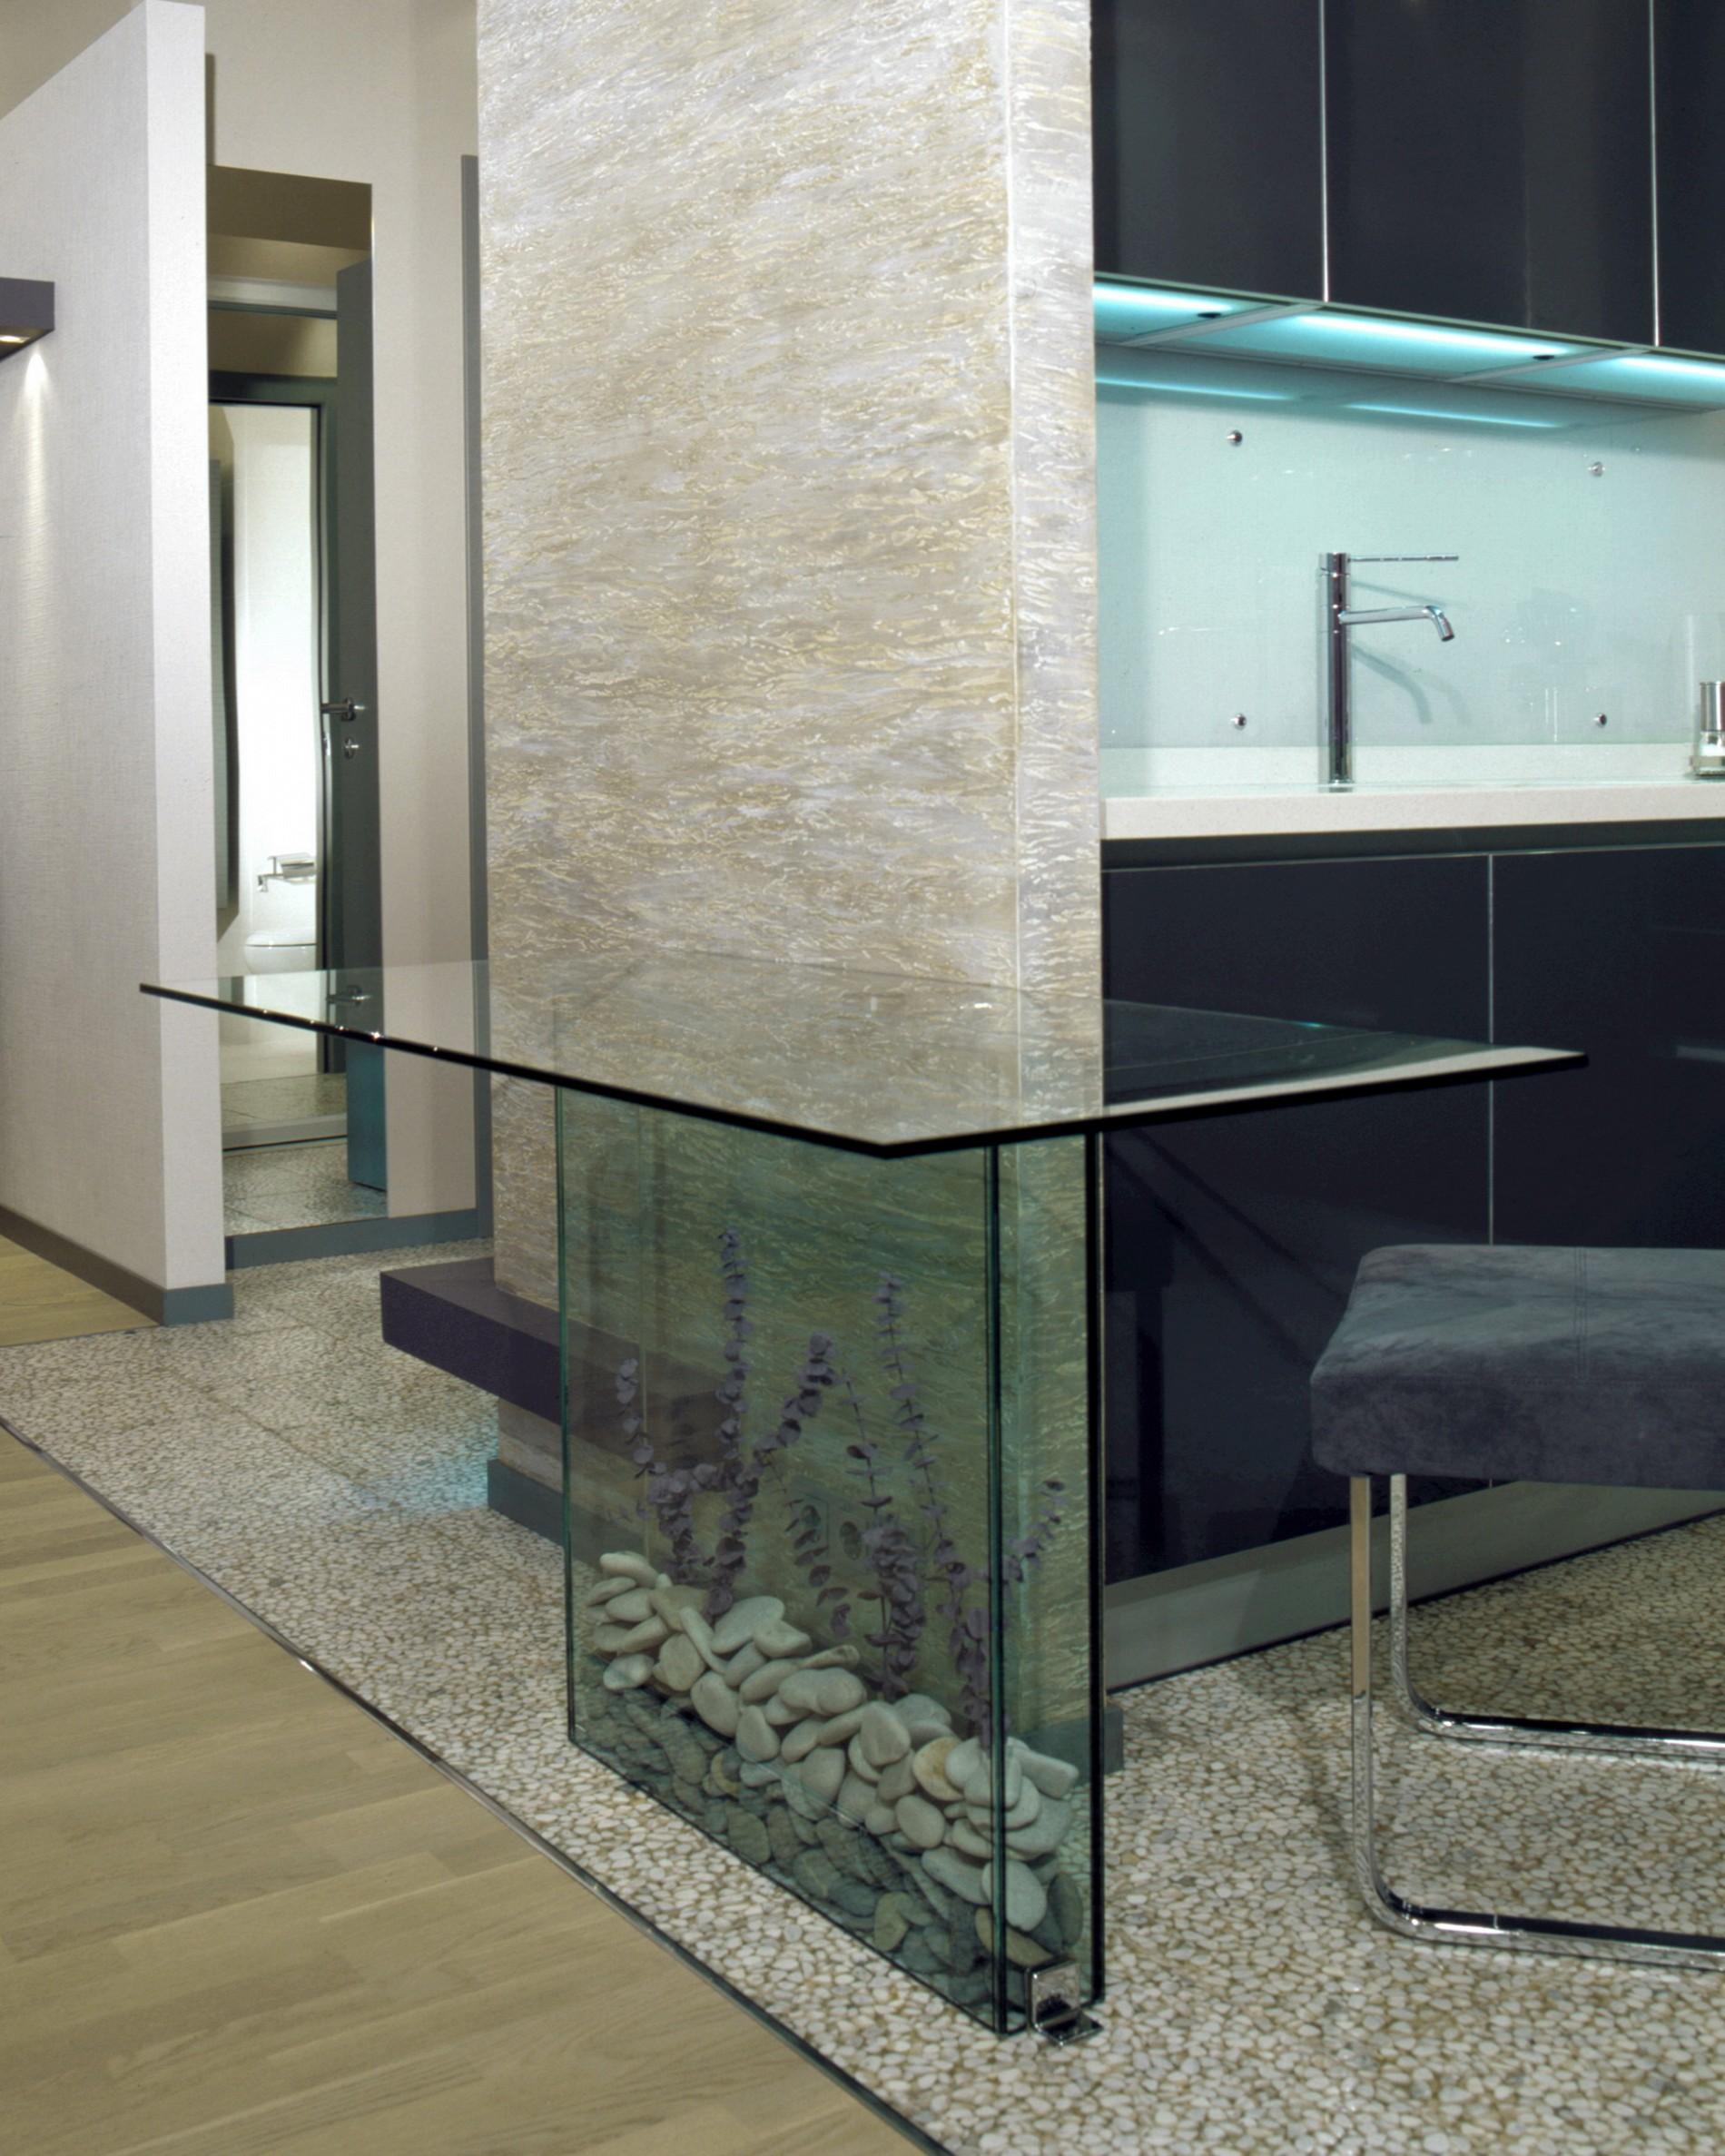 Стеклянная барная стойка в интерьере кухни